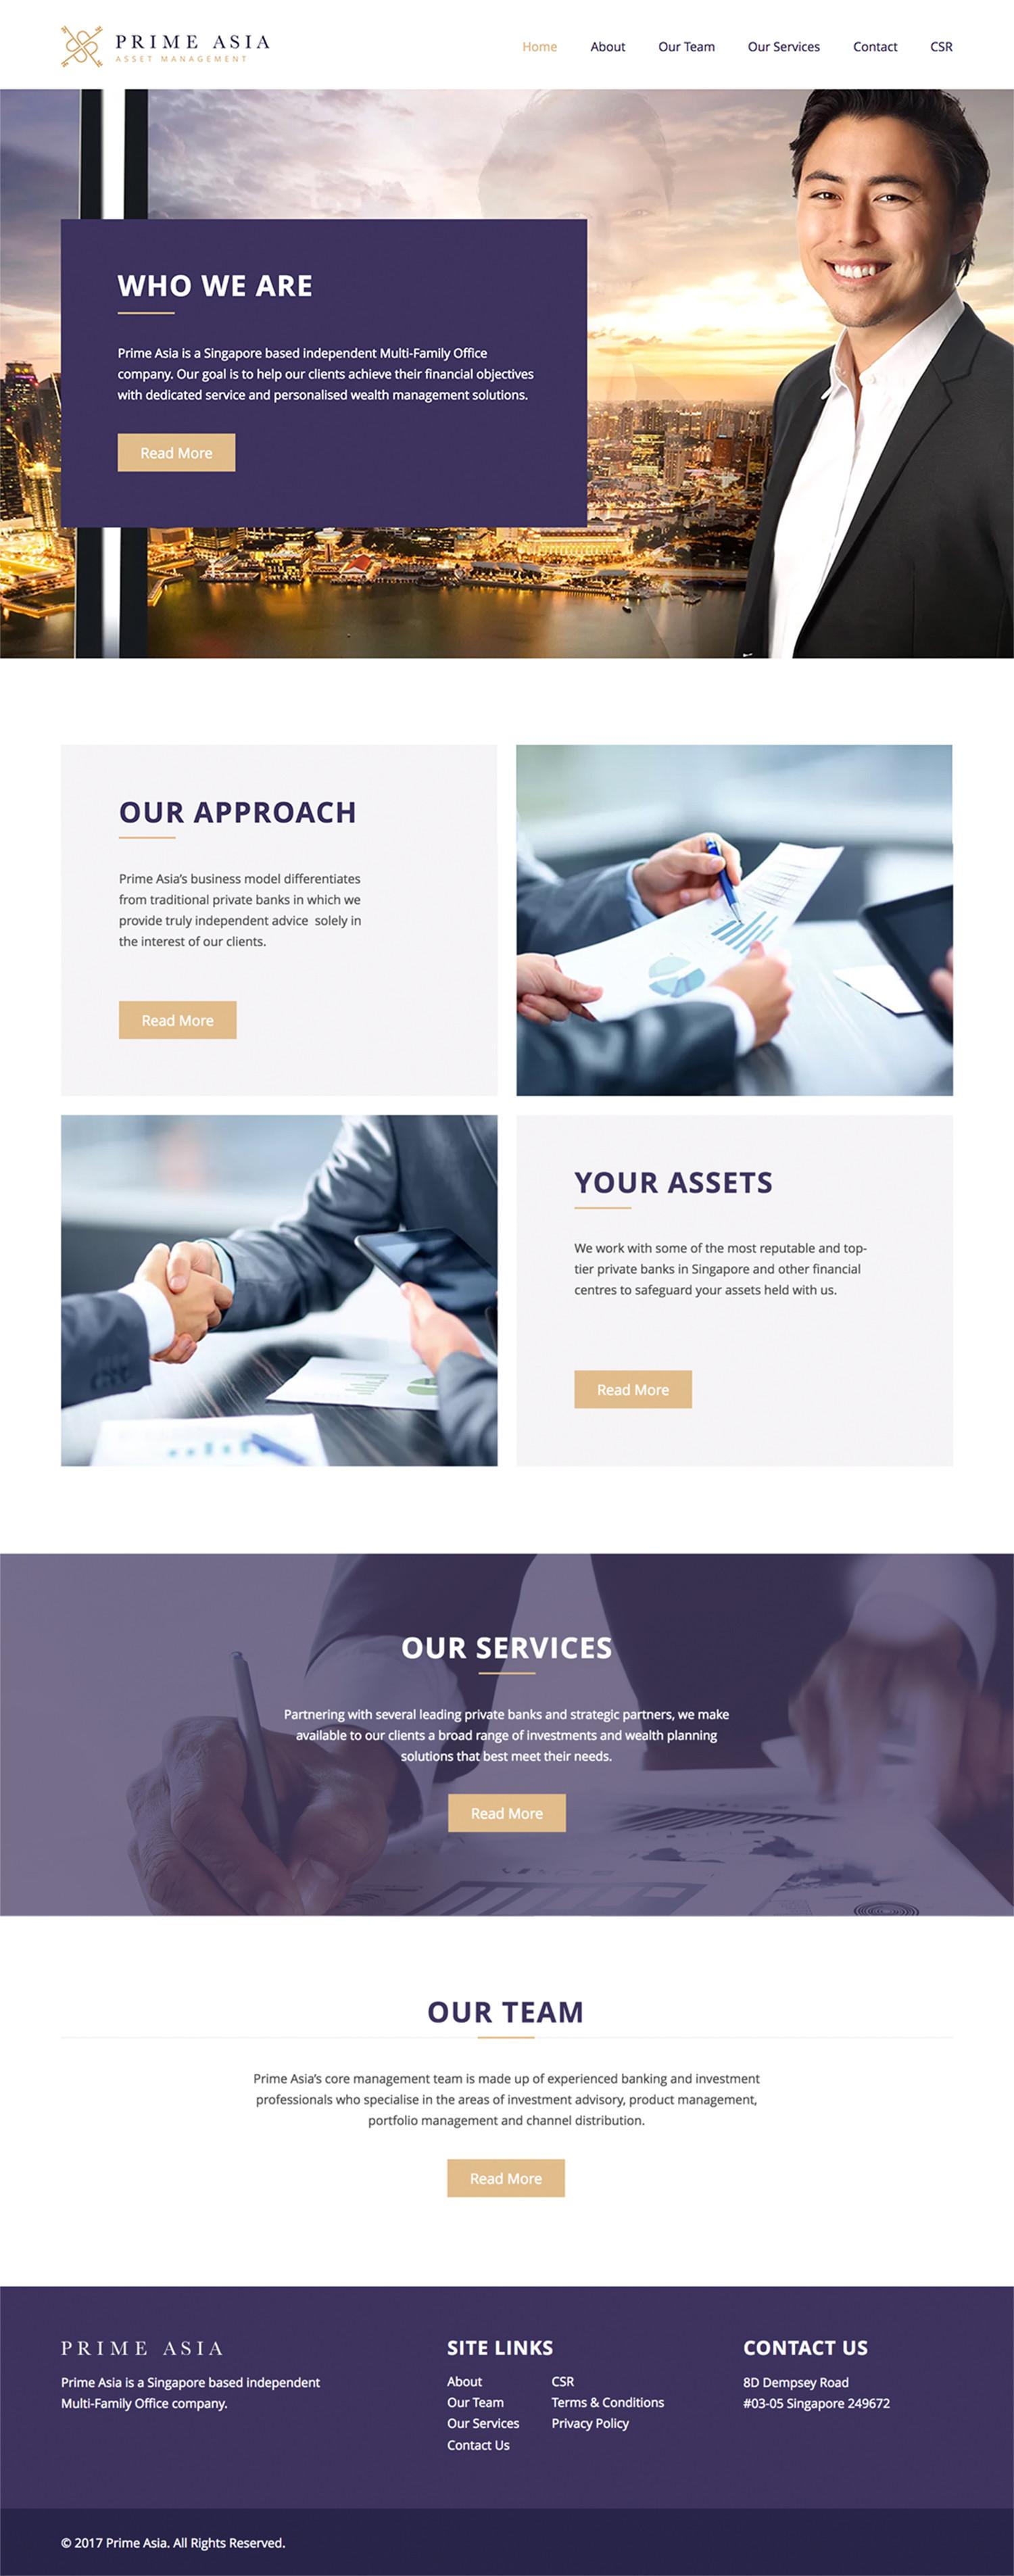 Prime Asia Website